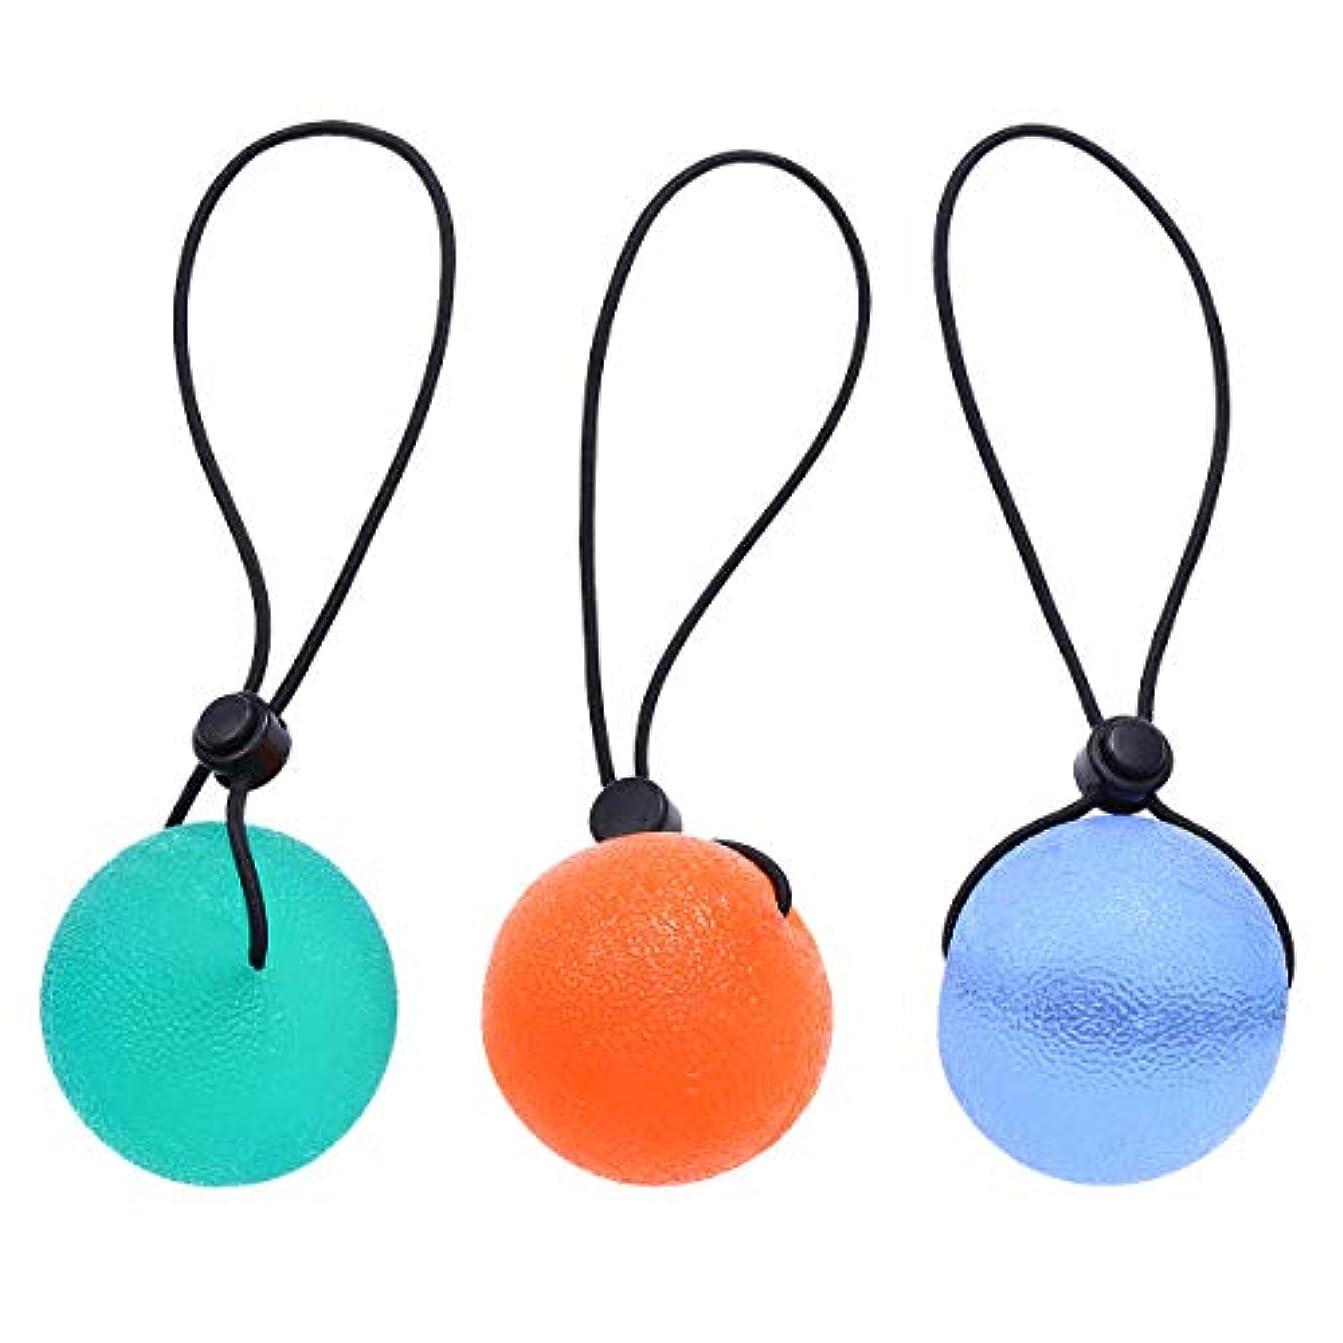 達成執着する必要があるHEALLILY 3個ハンドセラピー運動ボールグリップ強化剤指グリップボールと文字列